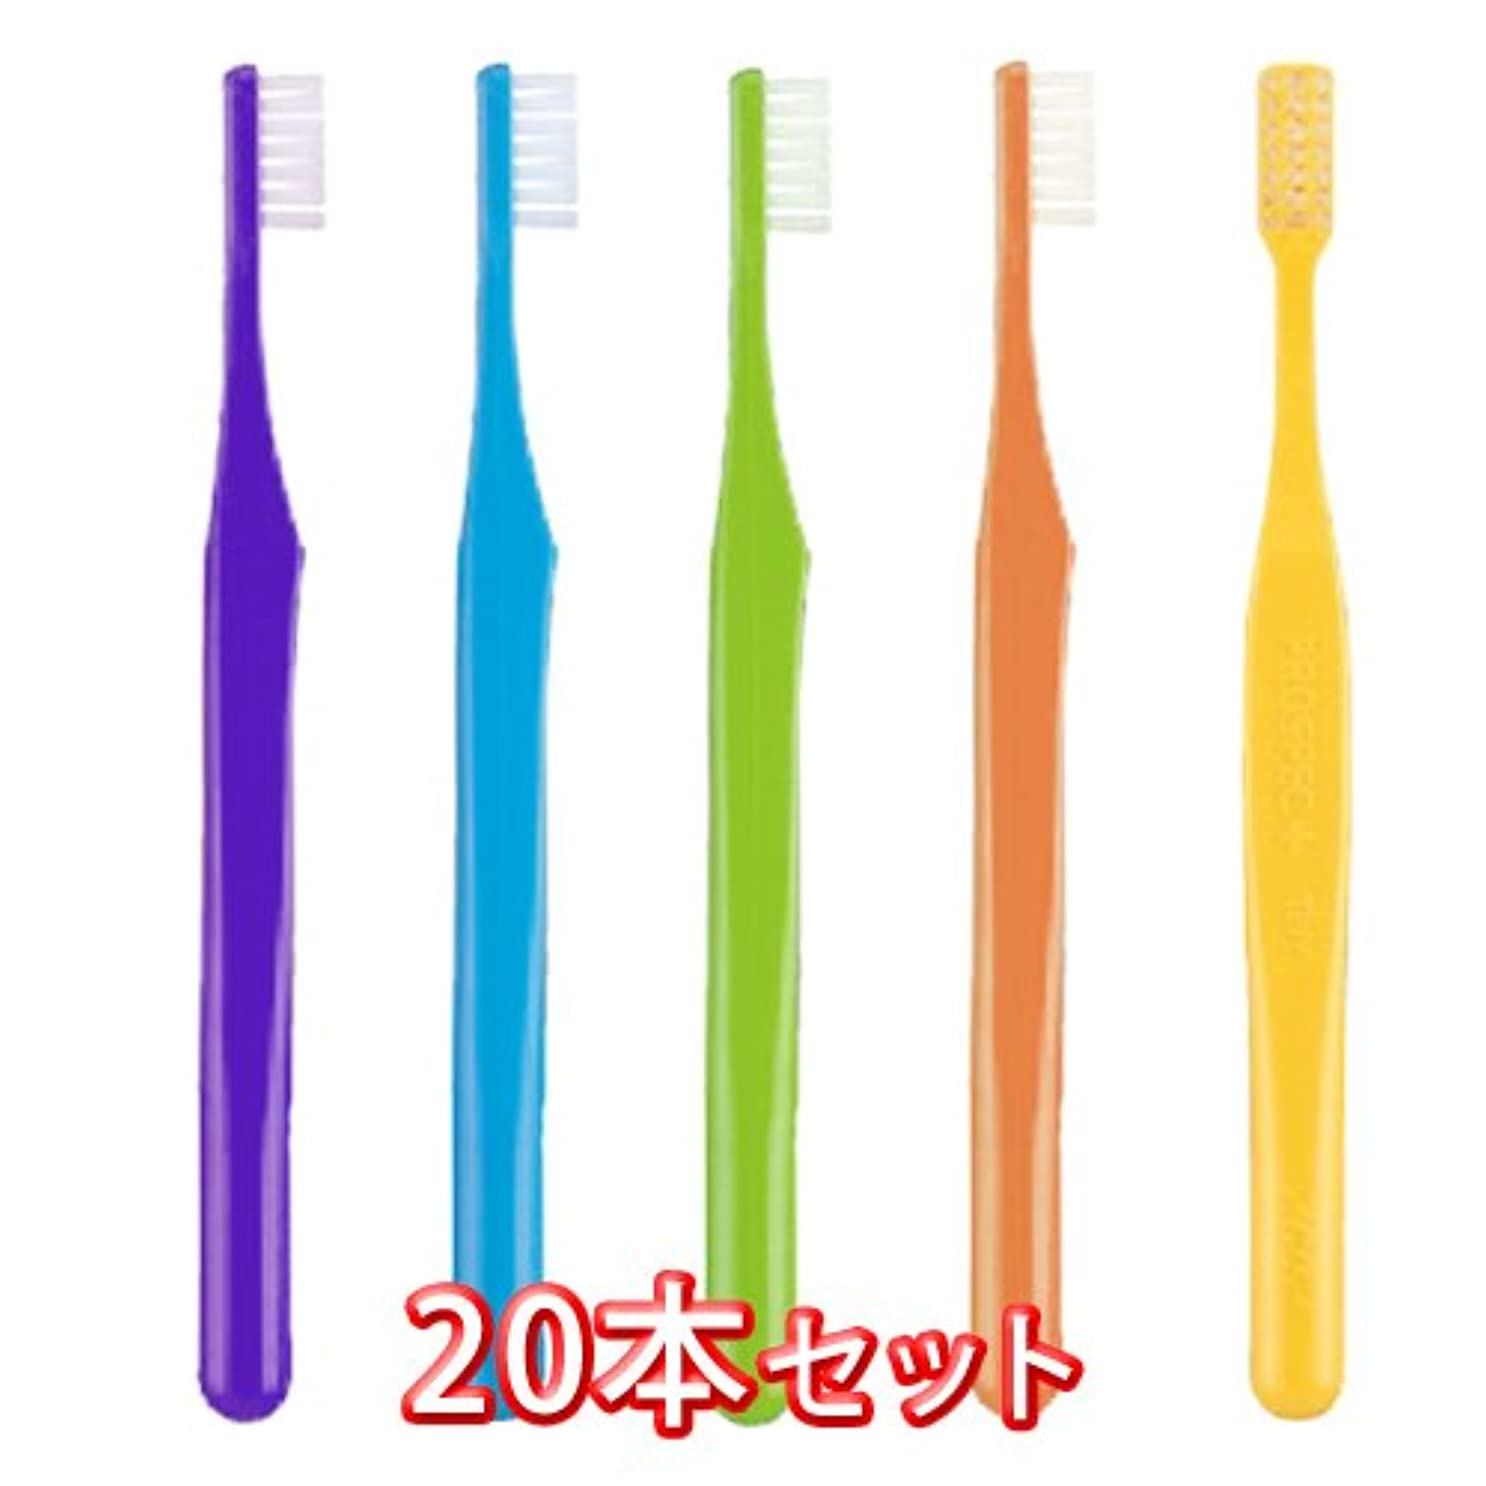 ジャーナリスト徴収食事プロスペック プラス 歯ブラシ 20本入 タイニー